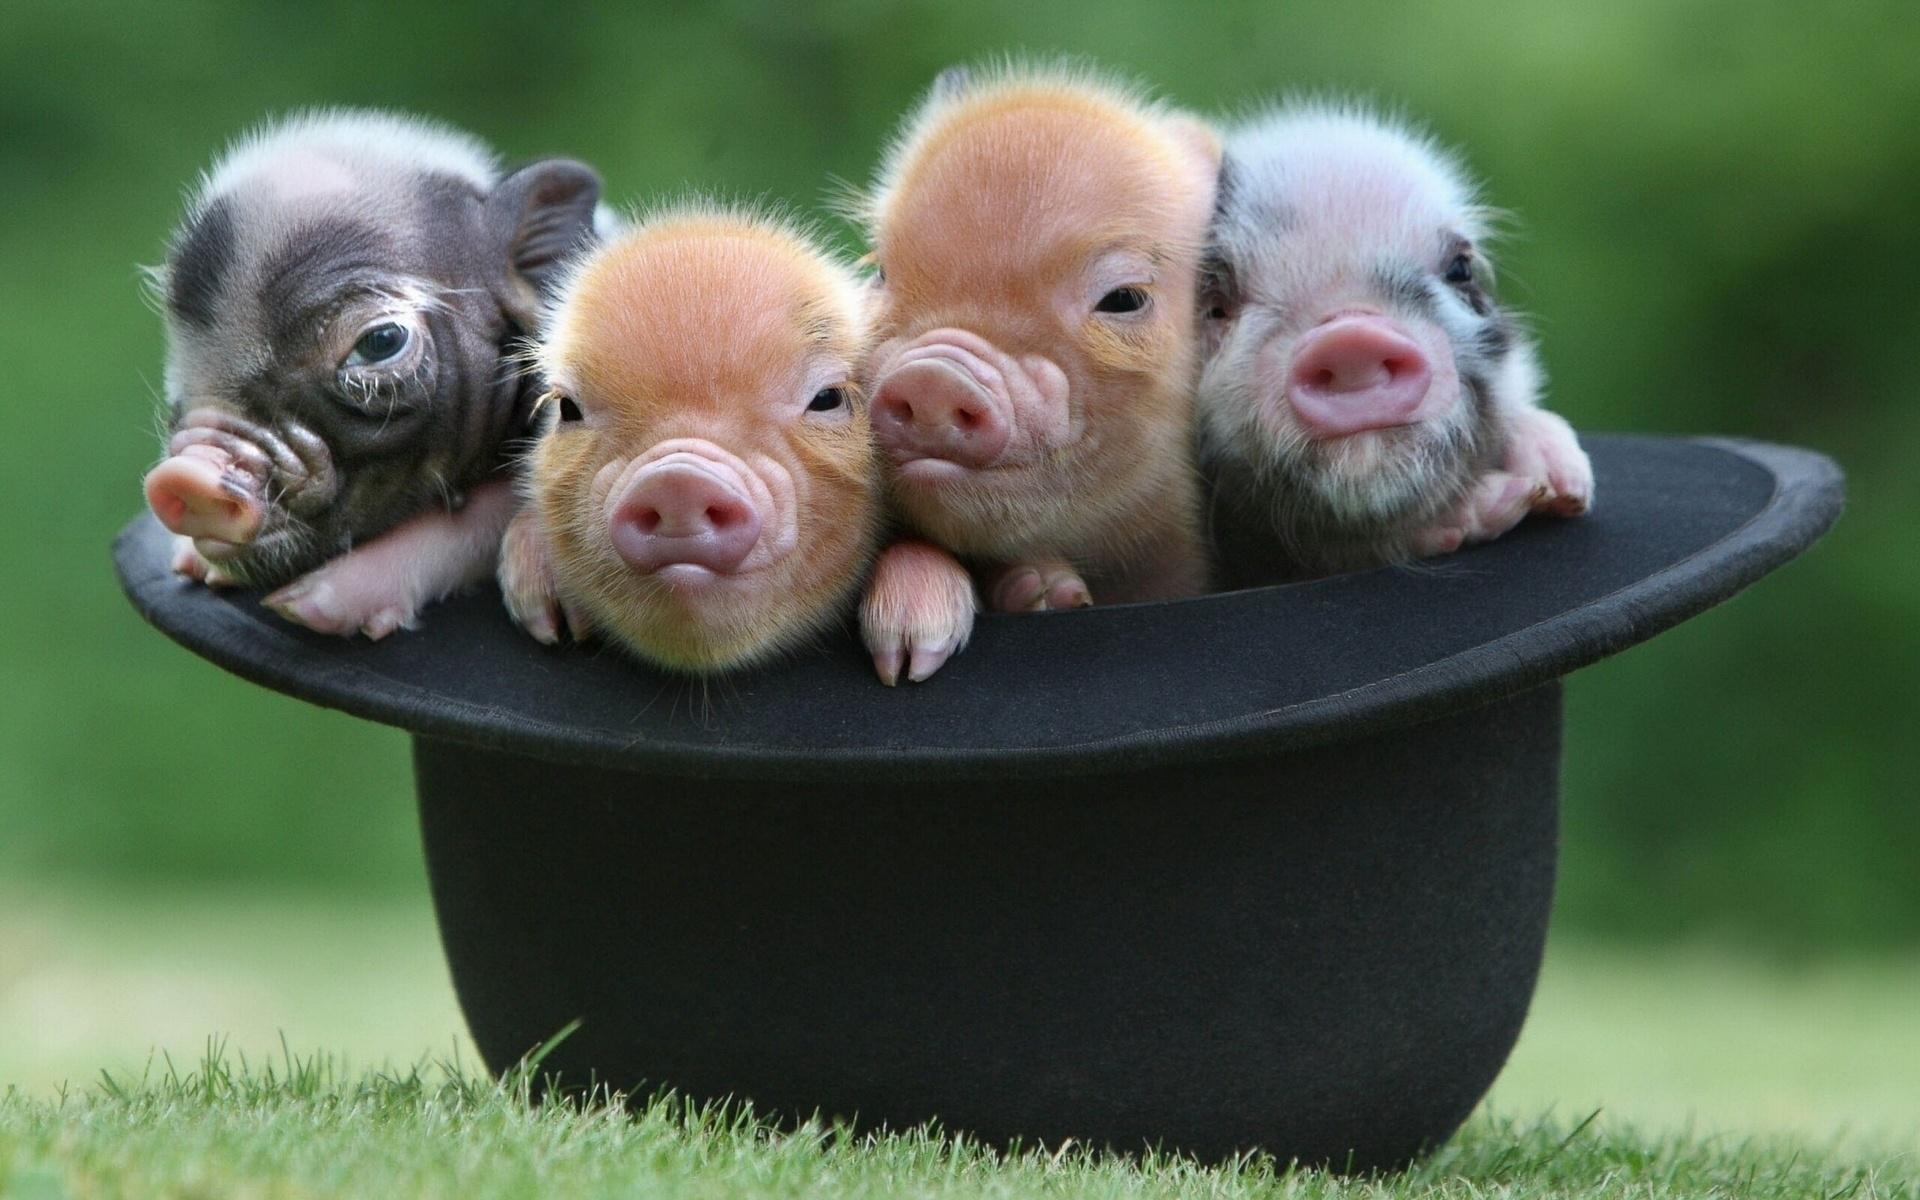 Обои на рабочий стол смешные фото свинюшек с собаками